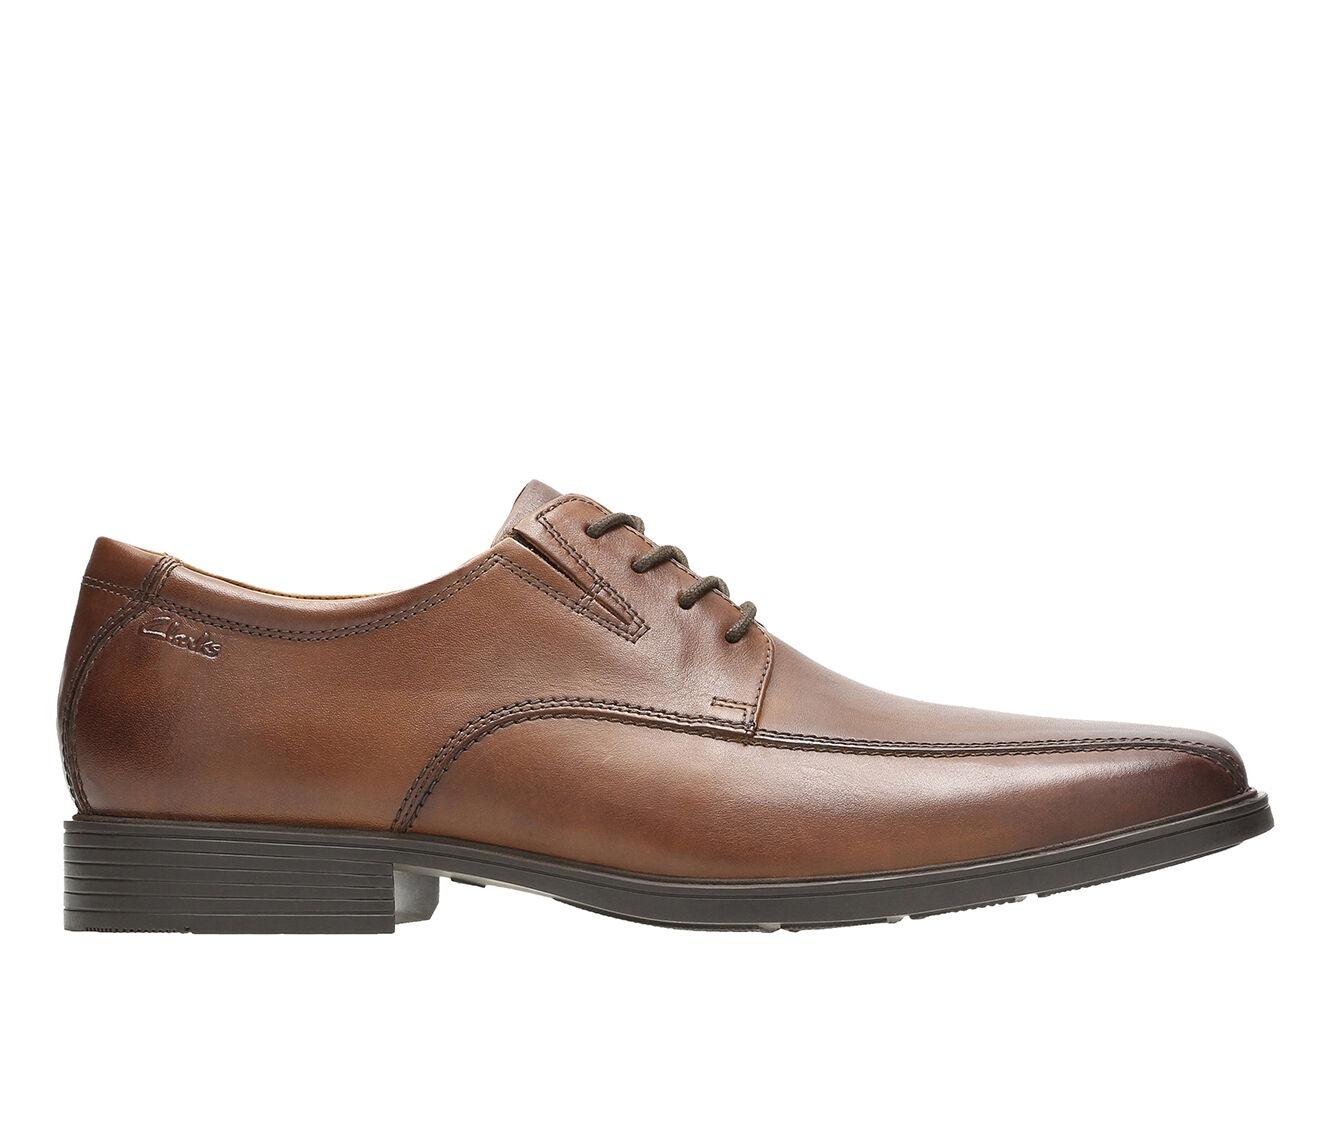 Men's Clarks Tilden Walk Dress Shoes Dark Tan